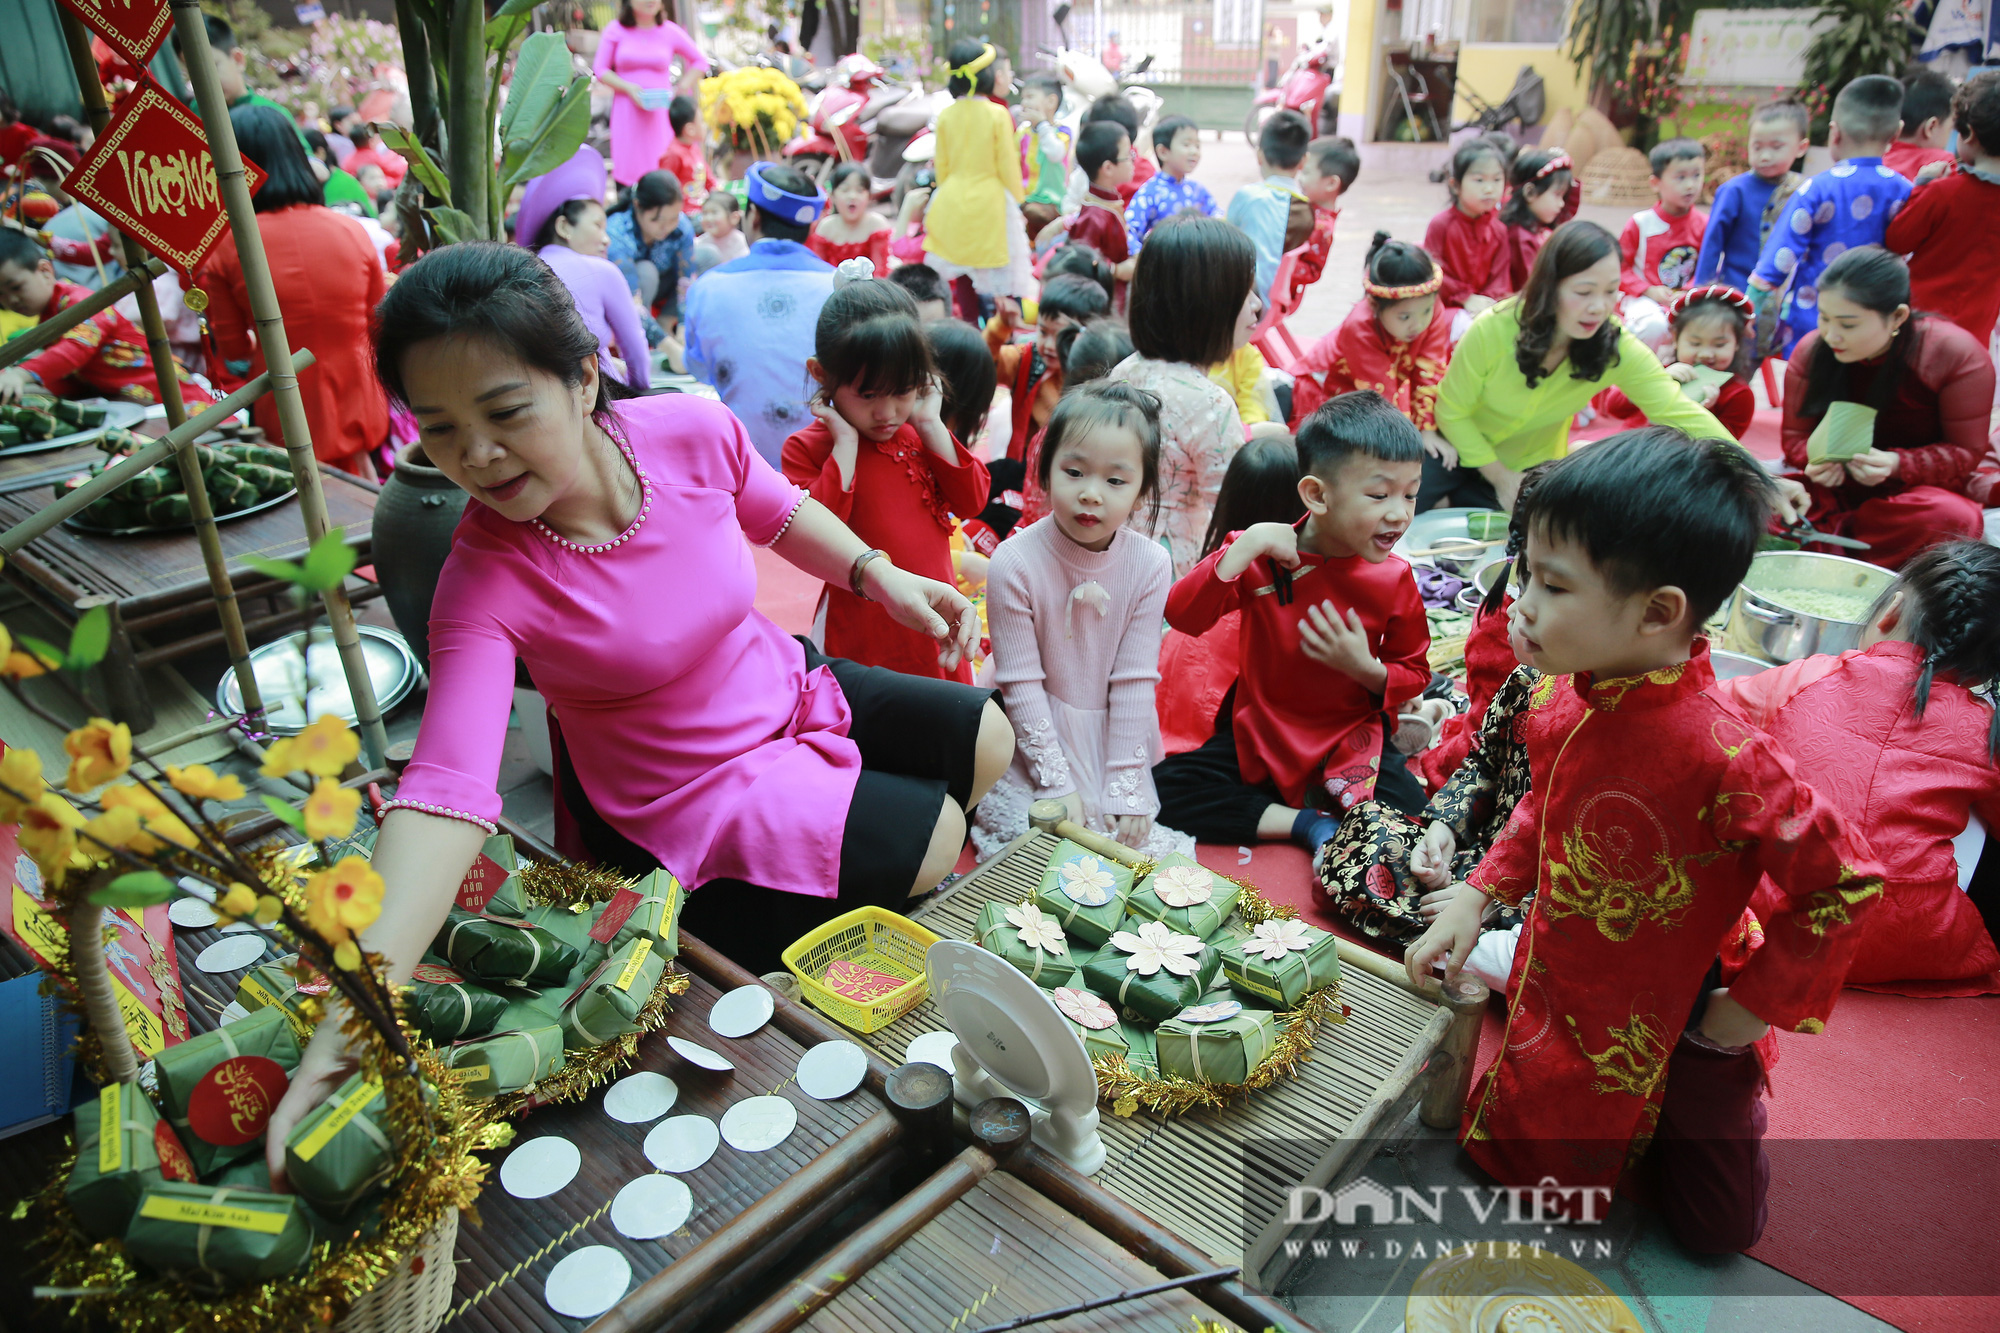 Trẻ em Hà Nội hào hứng khi lần đầu được gói bánh chưng cùng cha mẹ - Ảnh 5.